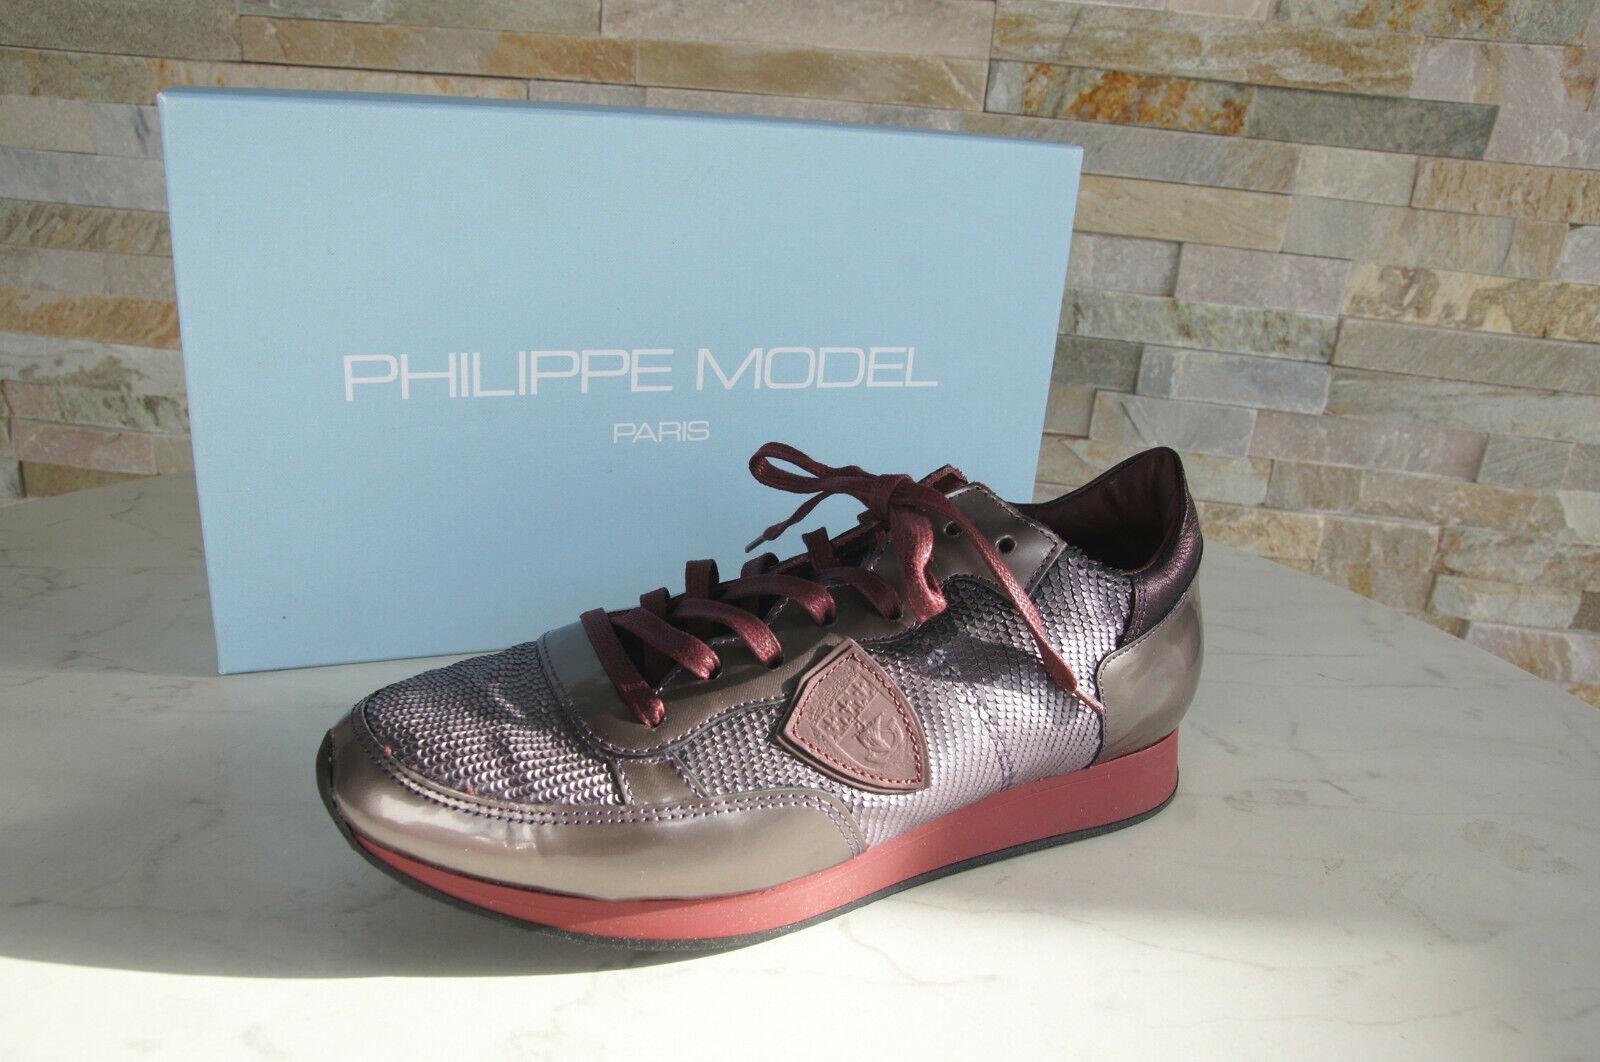 Philippe Model paris T 39 Baskets trld yx05 Chaussures prune neuf ancien Prix Recommandé